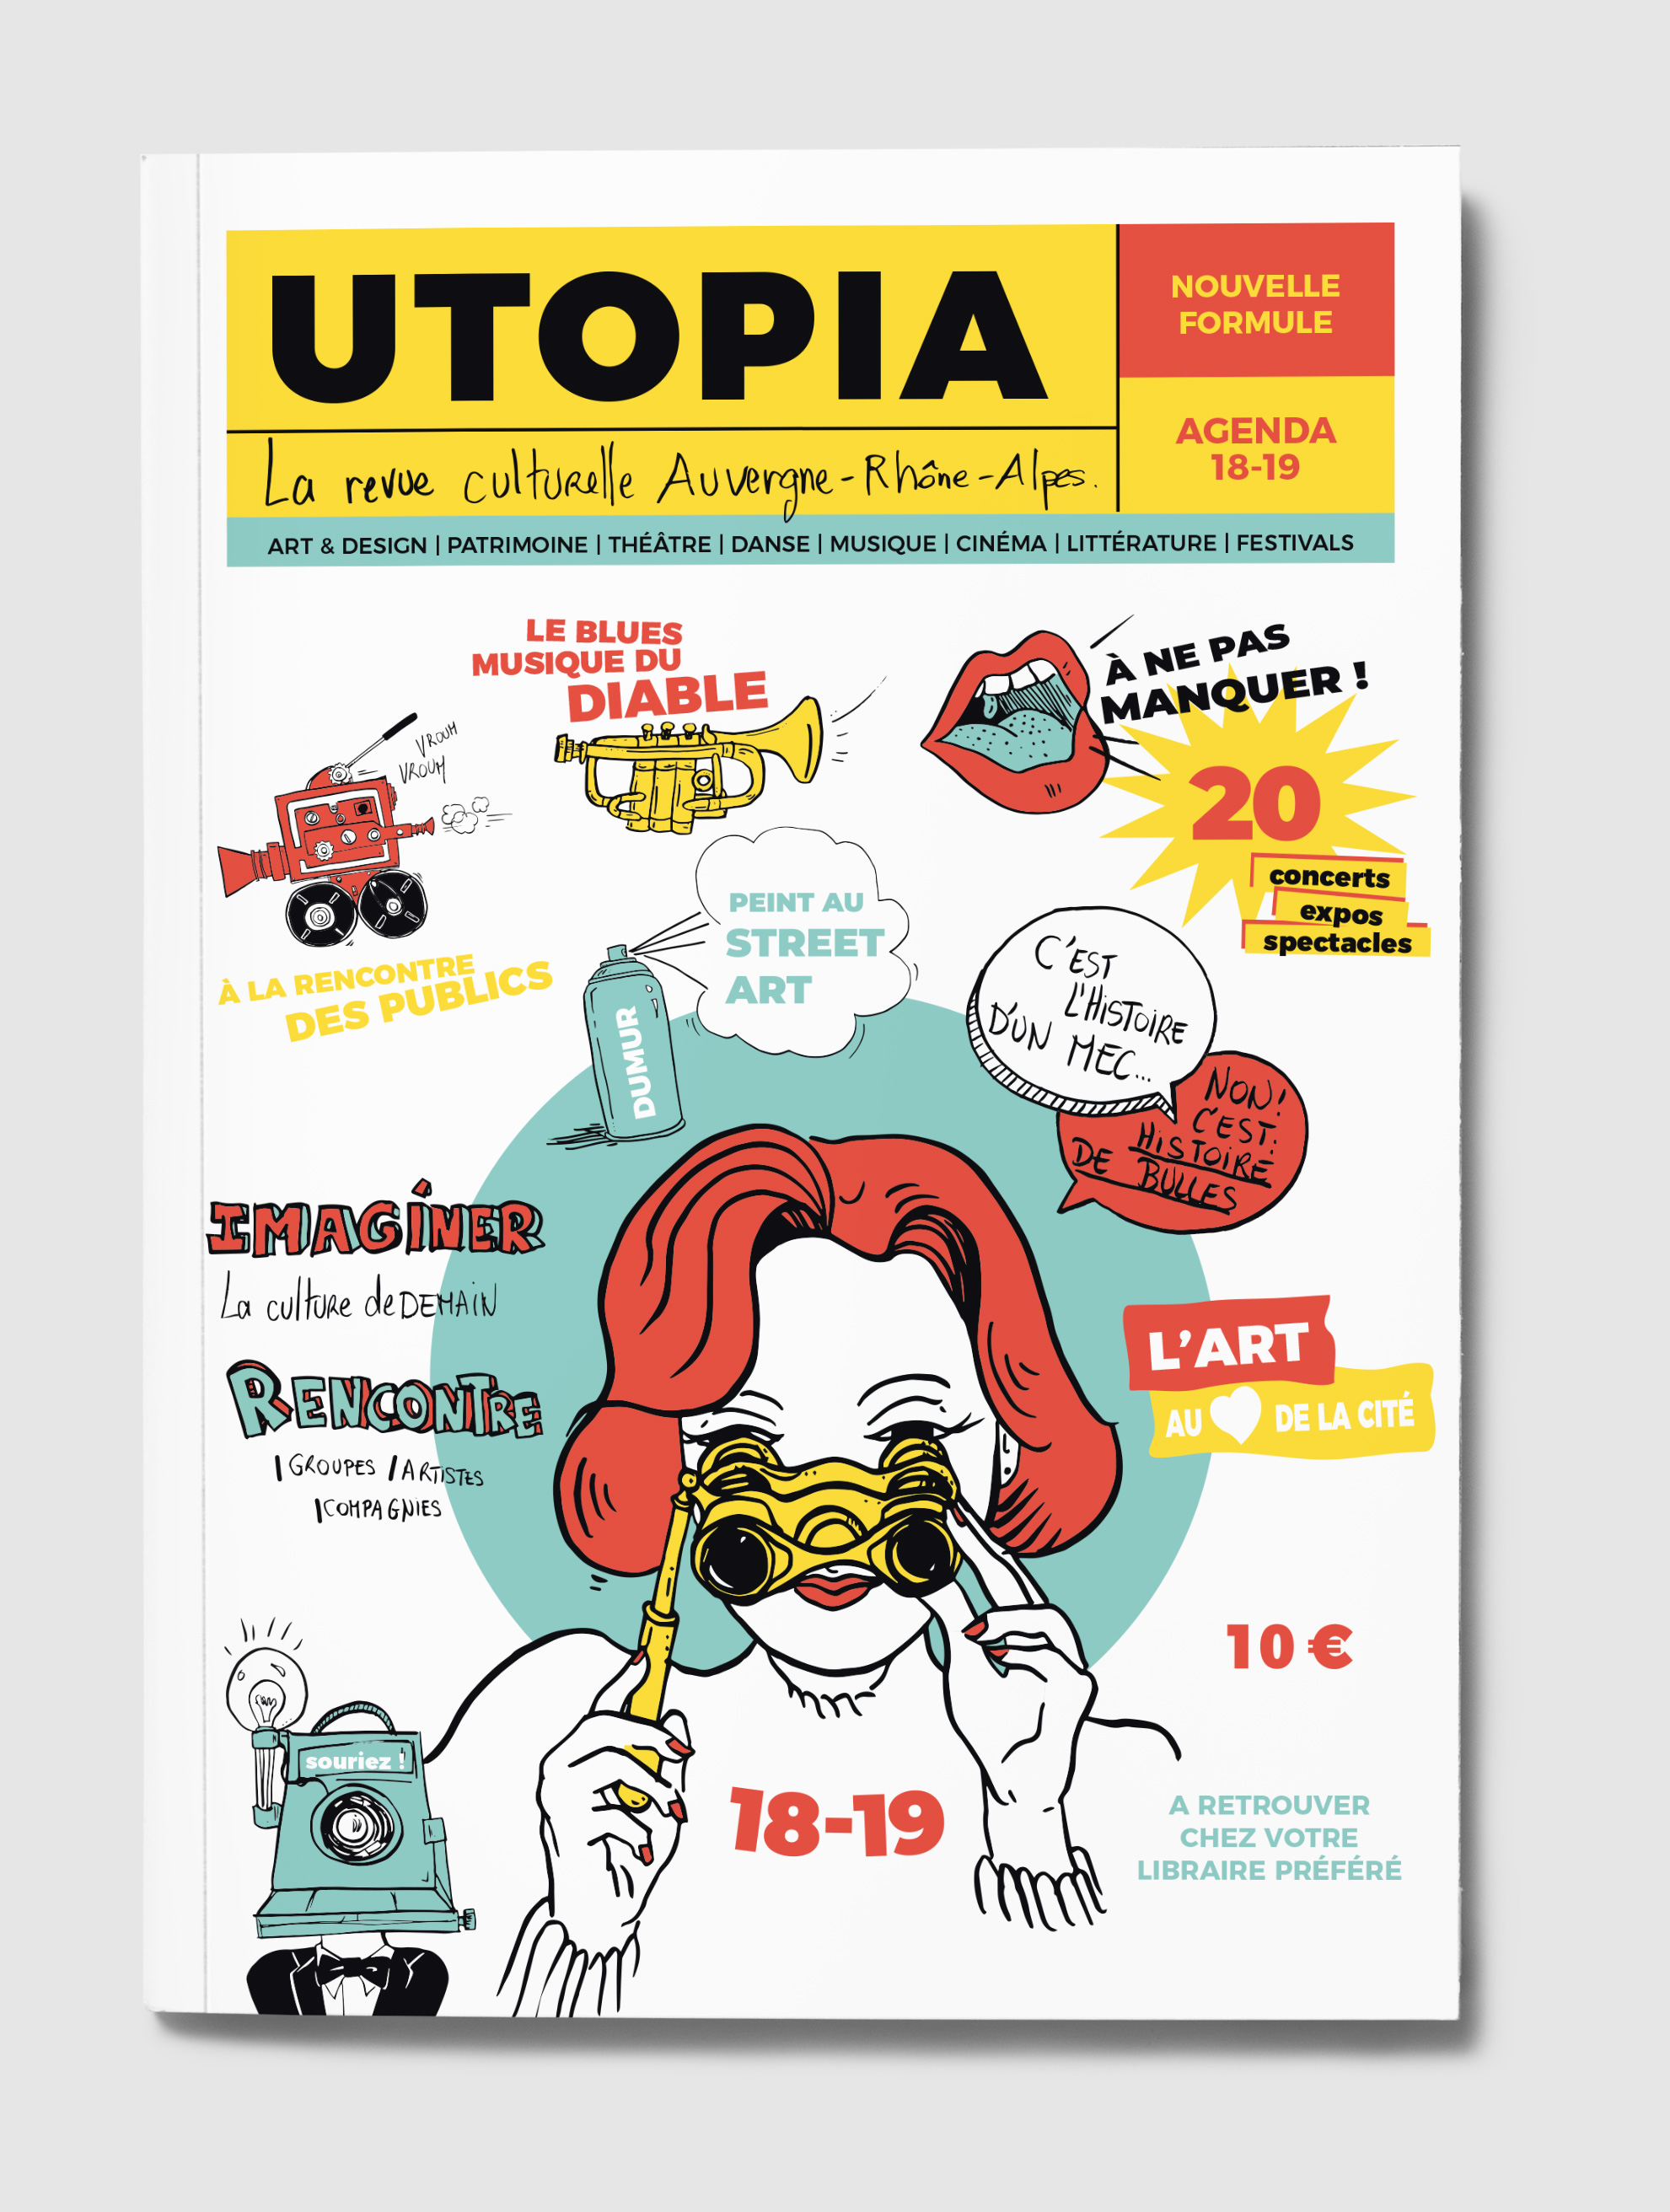 utopia-18-19